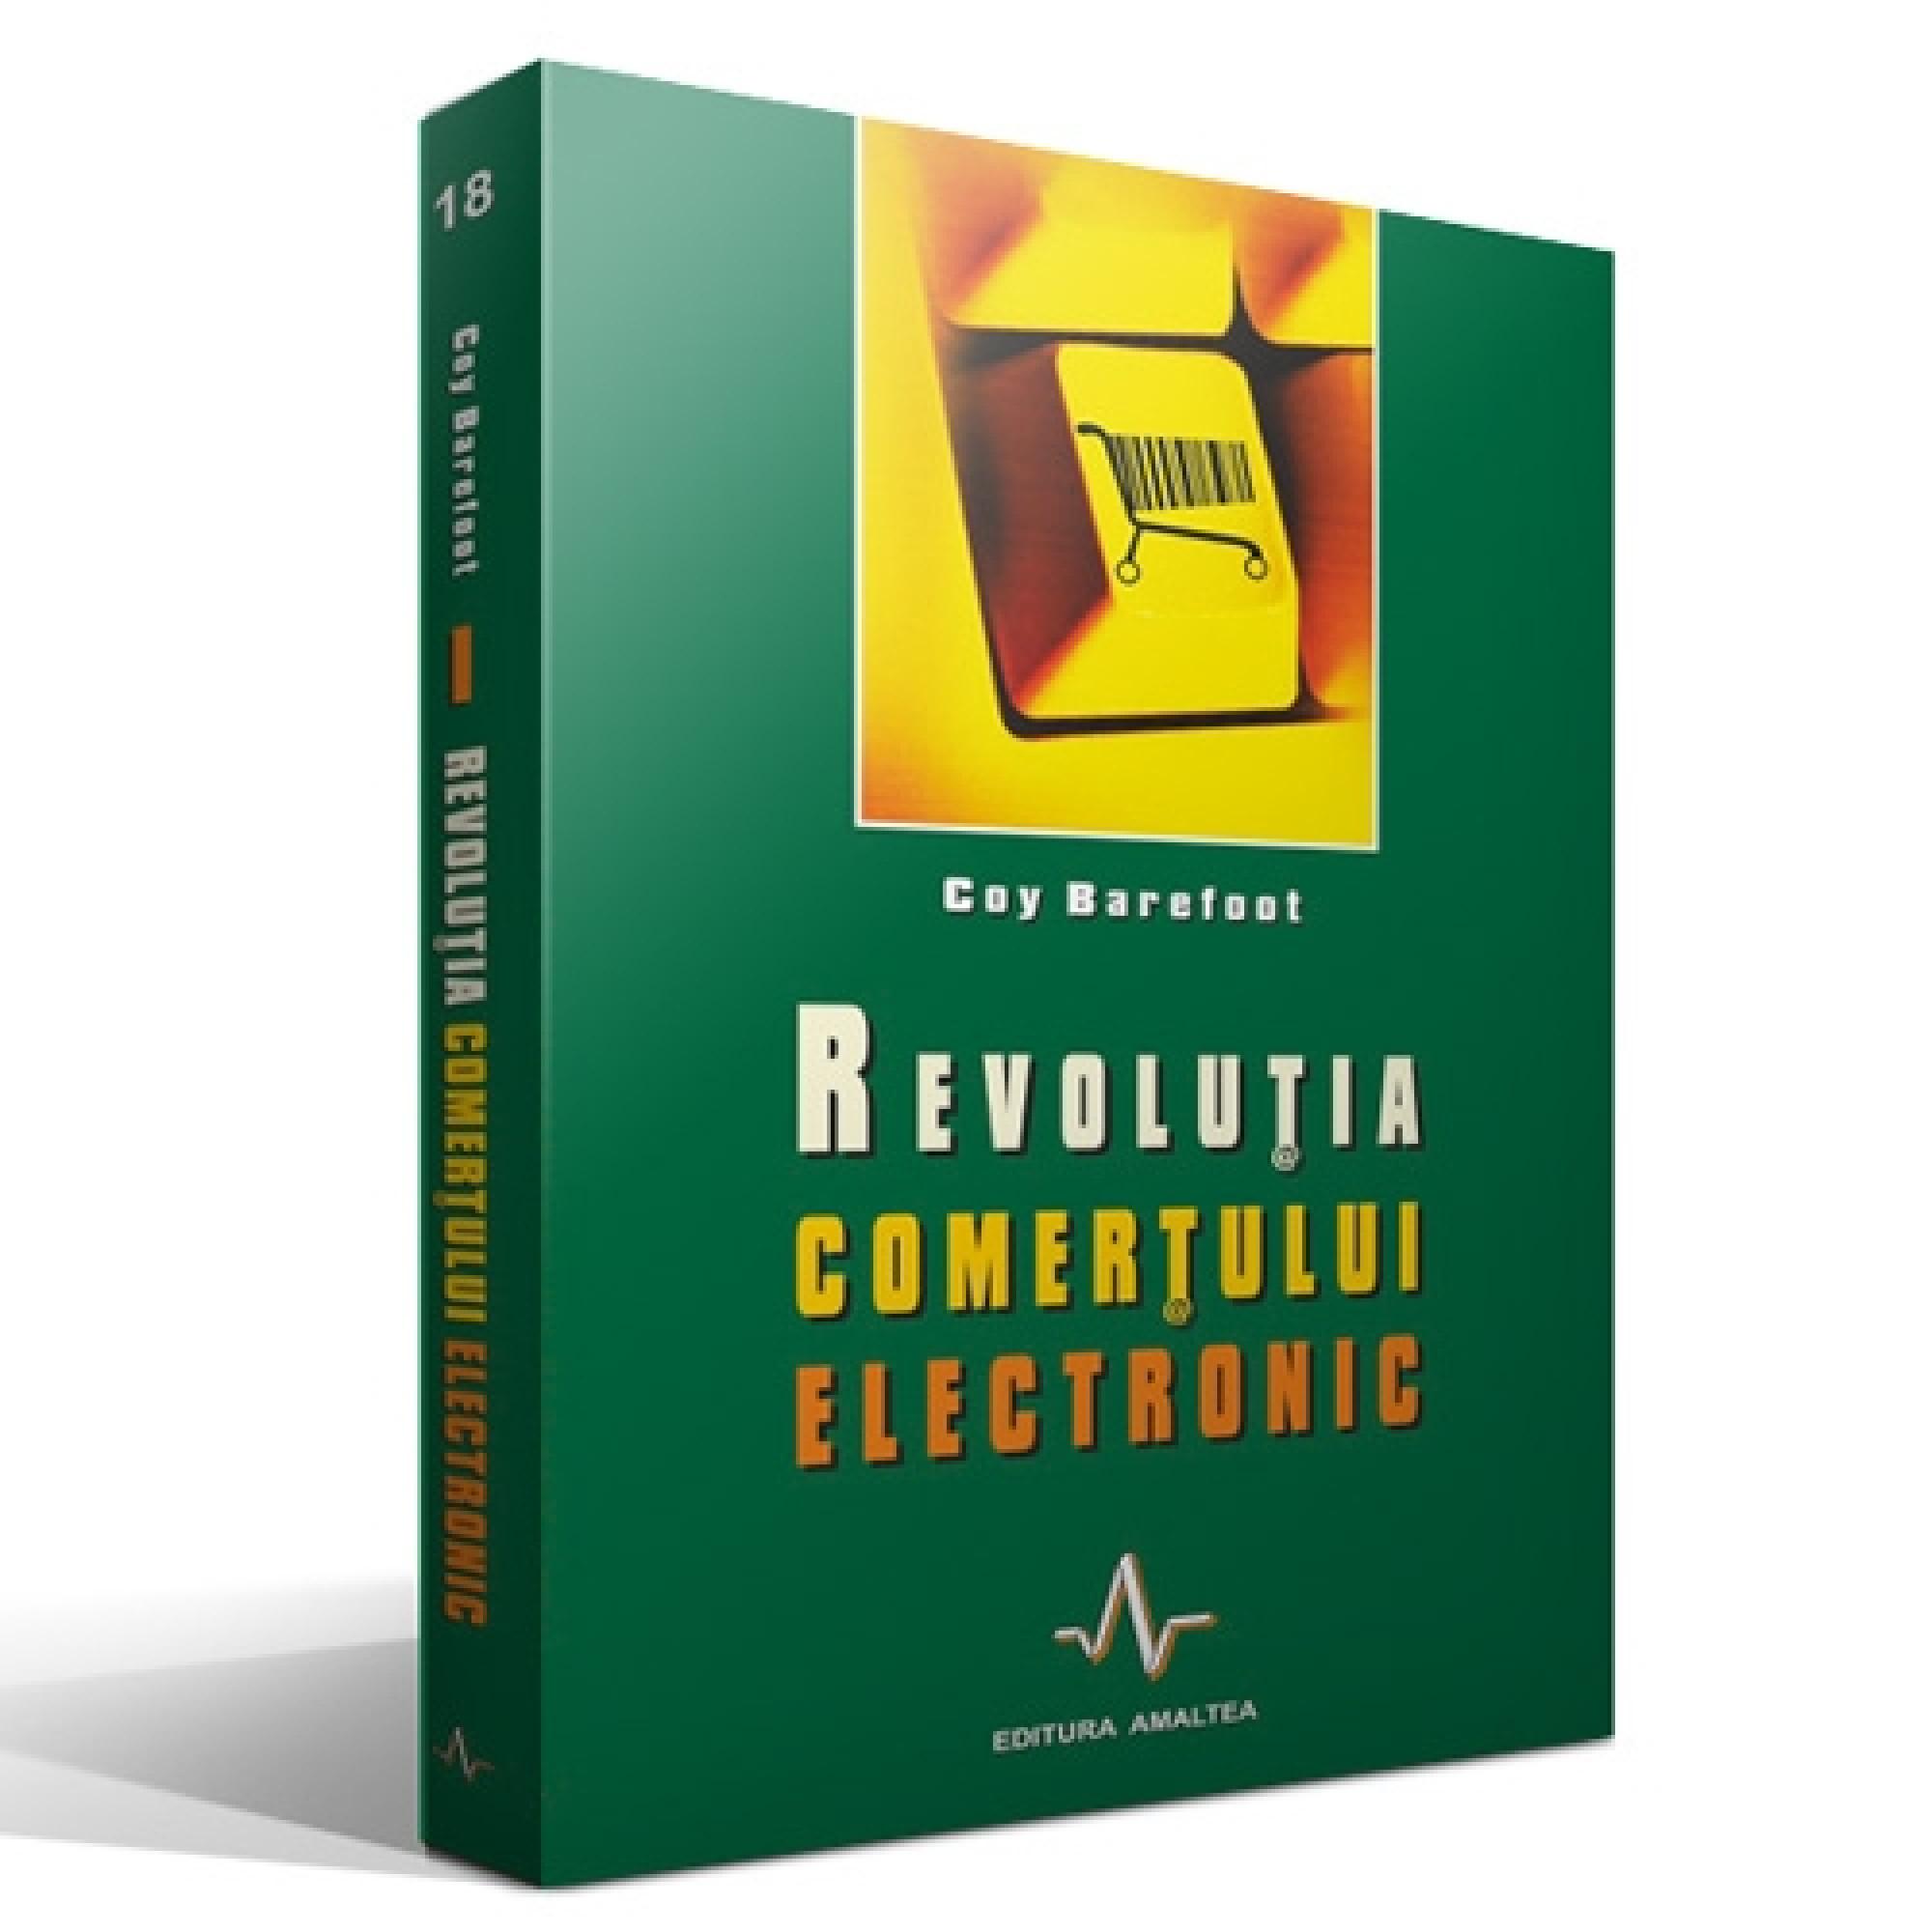 Revoluția comerțului electronic